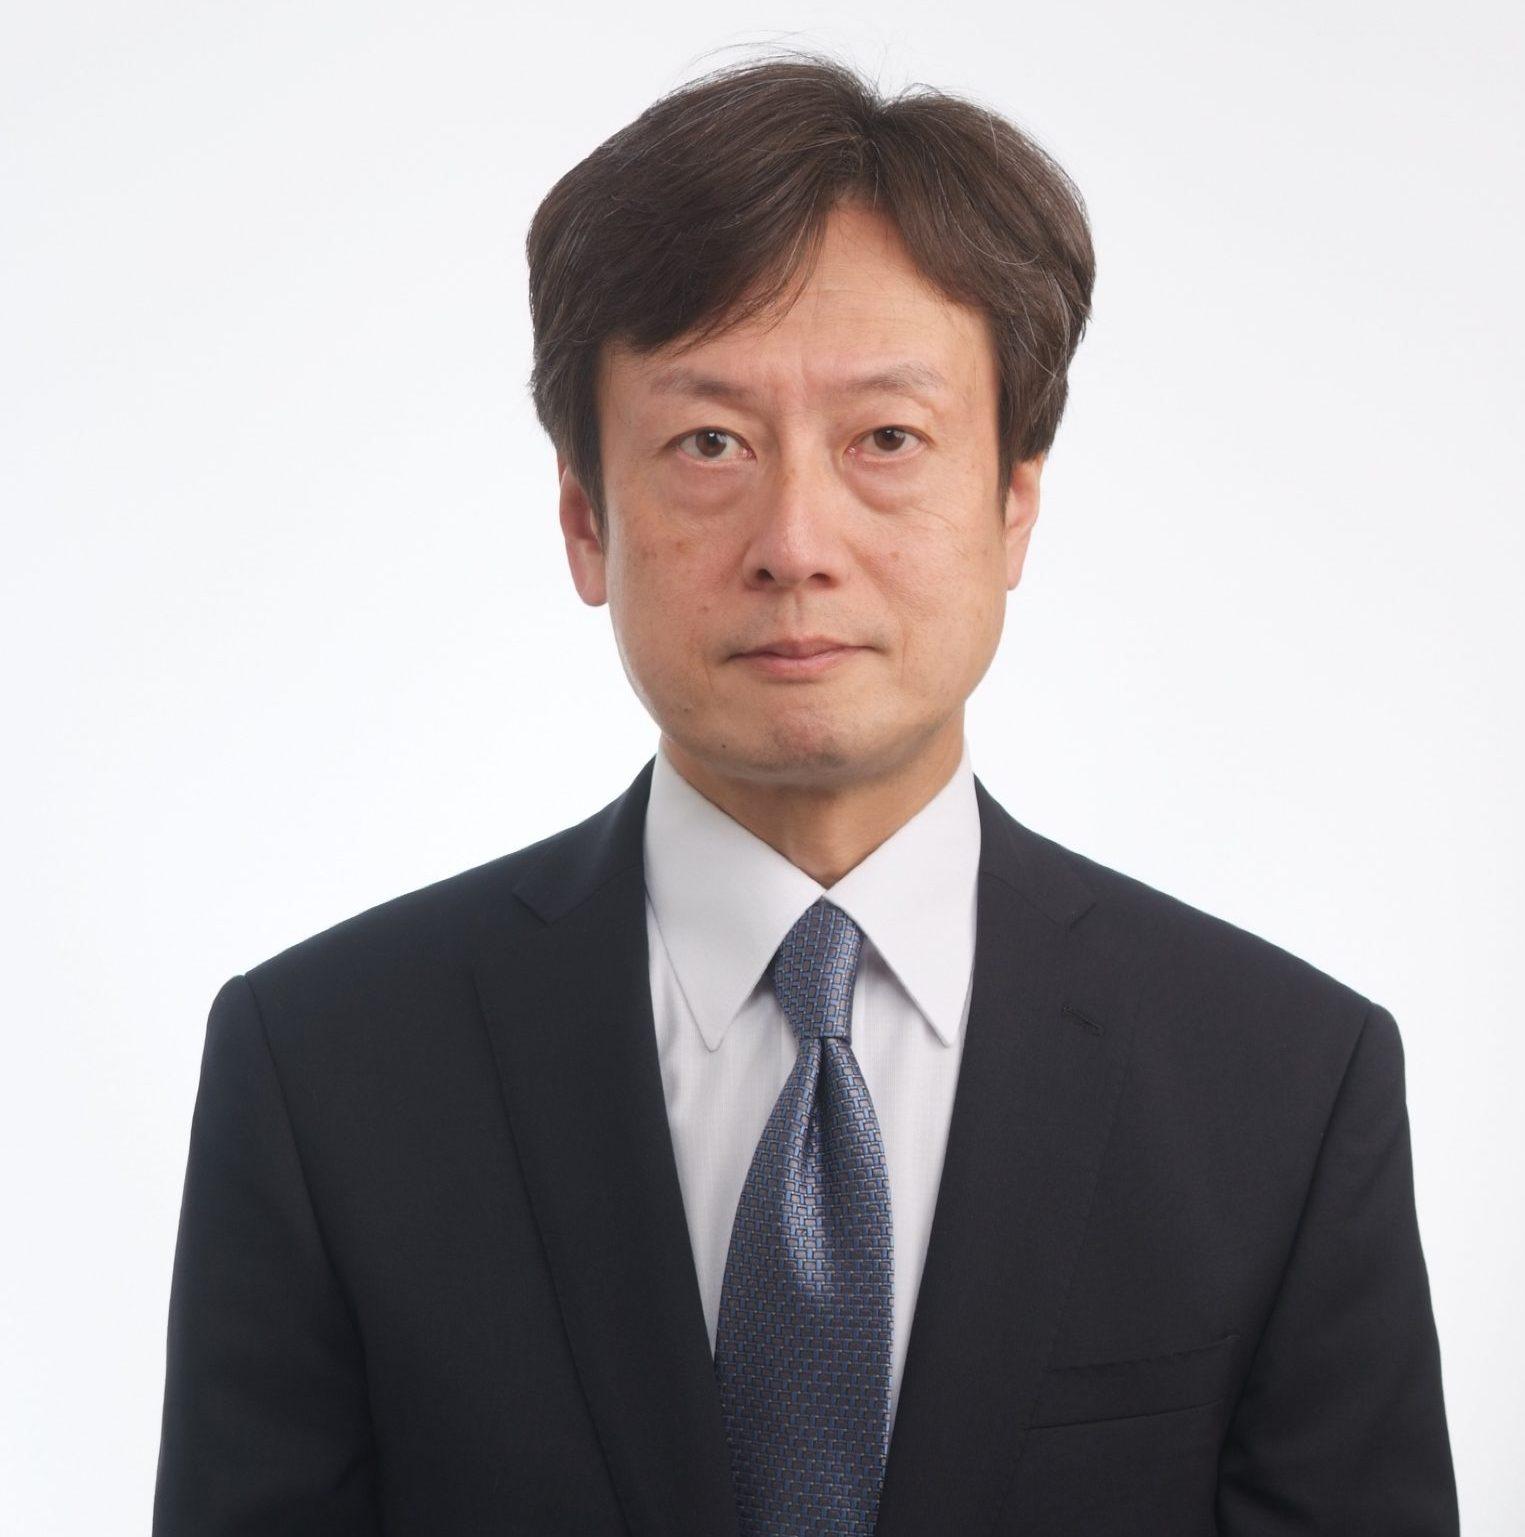 Hiroyuki Hirosako